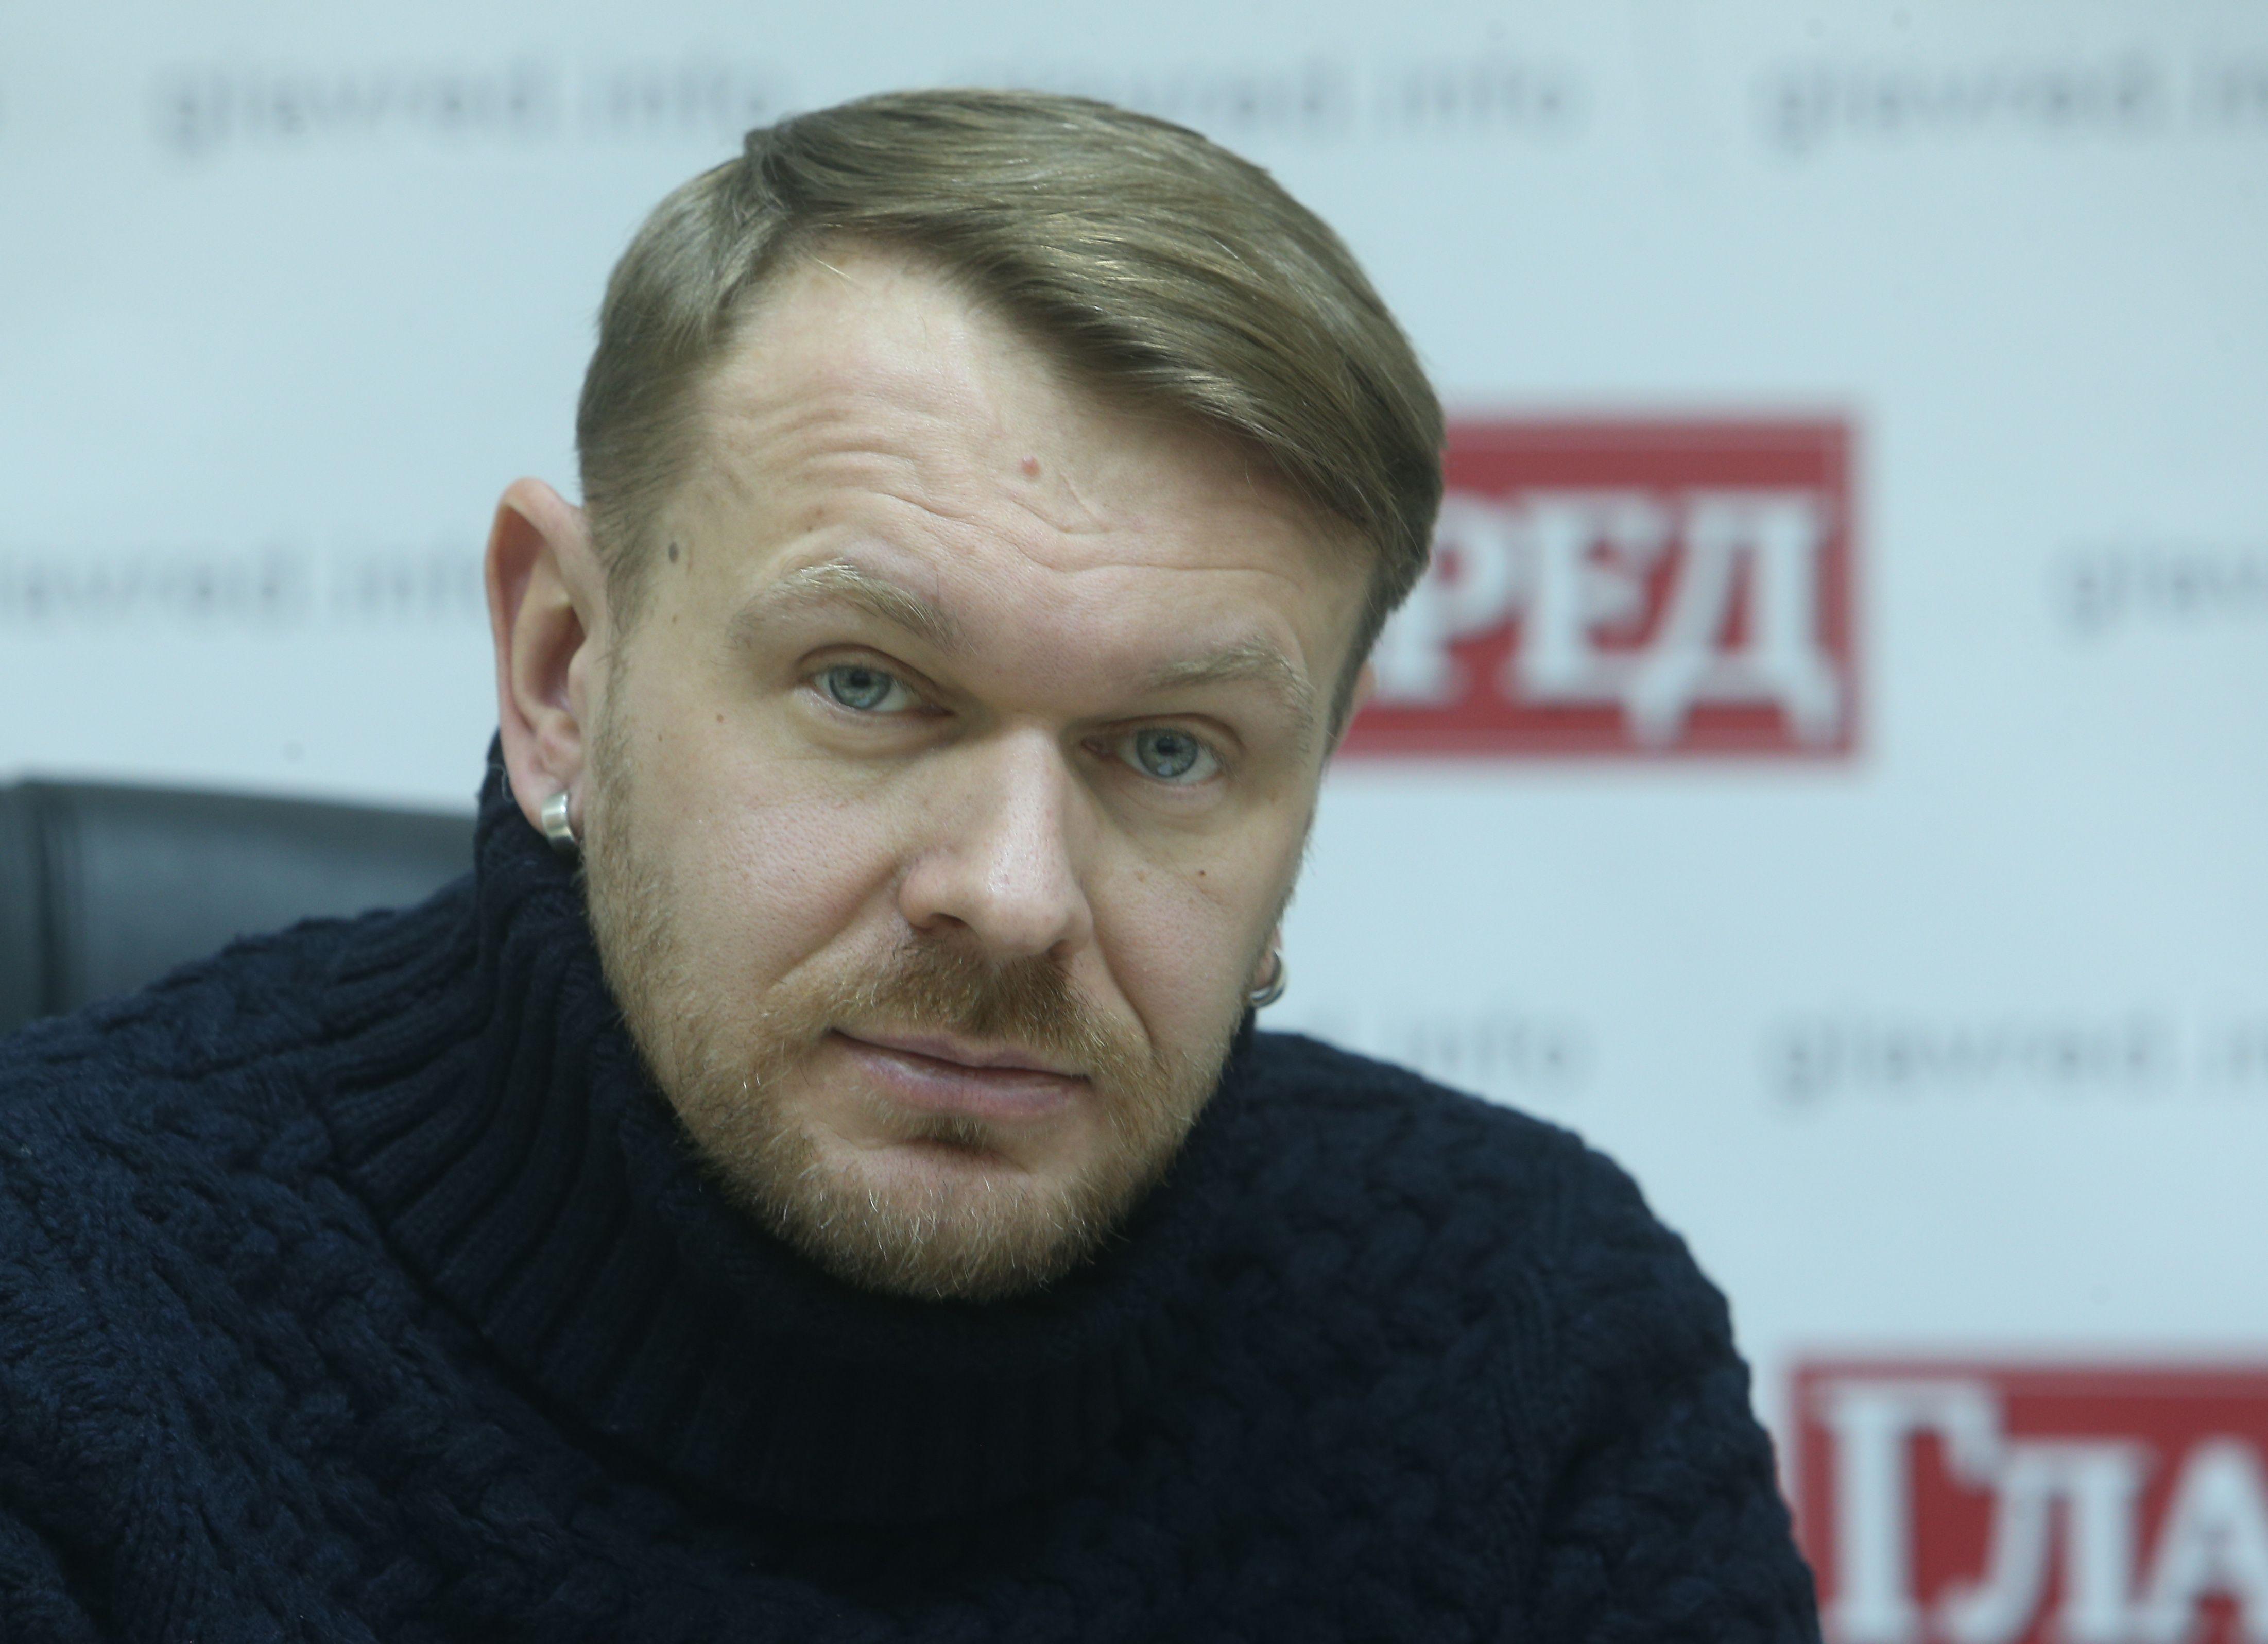 Сашко Положинский сказал, что наблюдательности в нем больше, чем уверенности